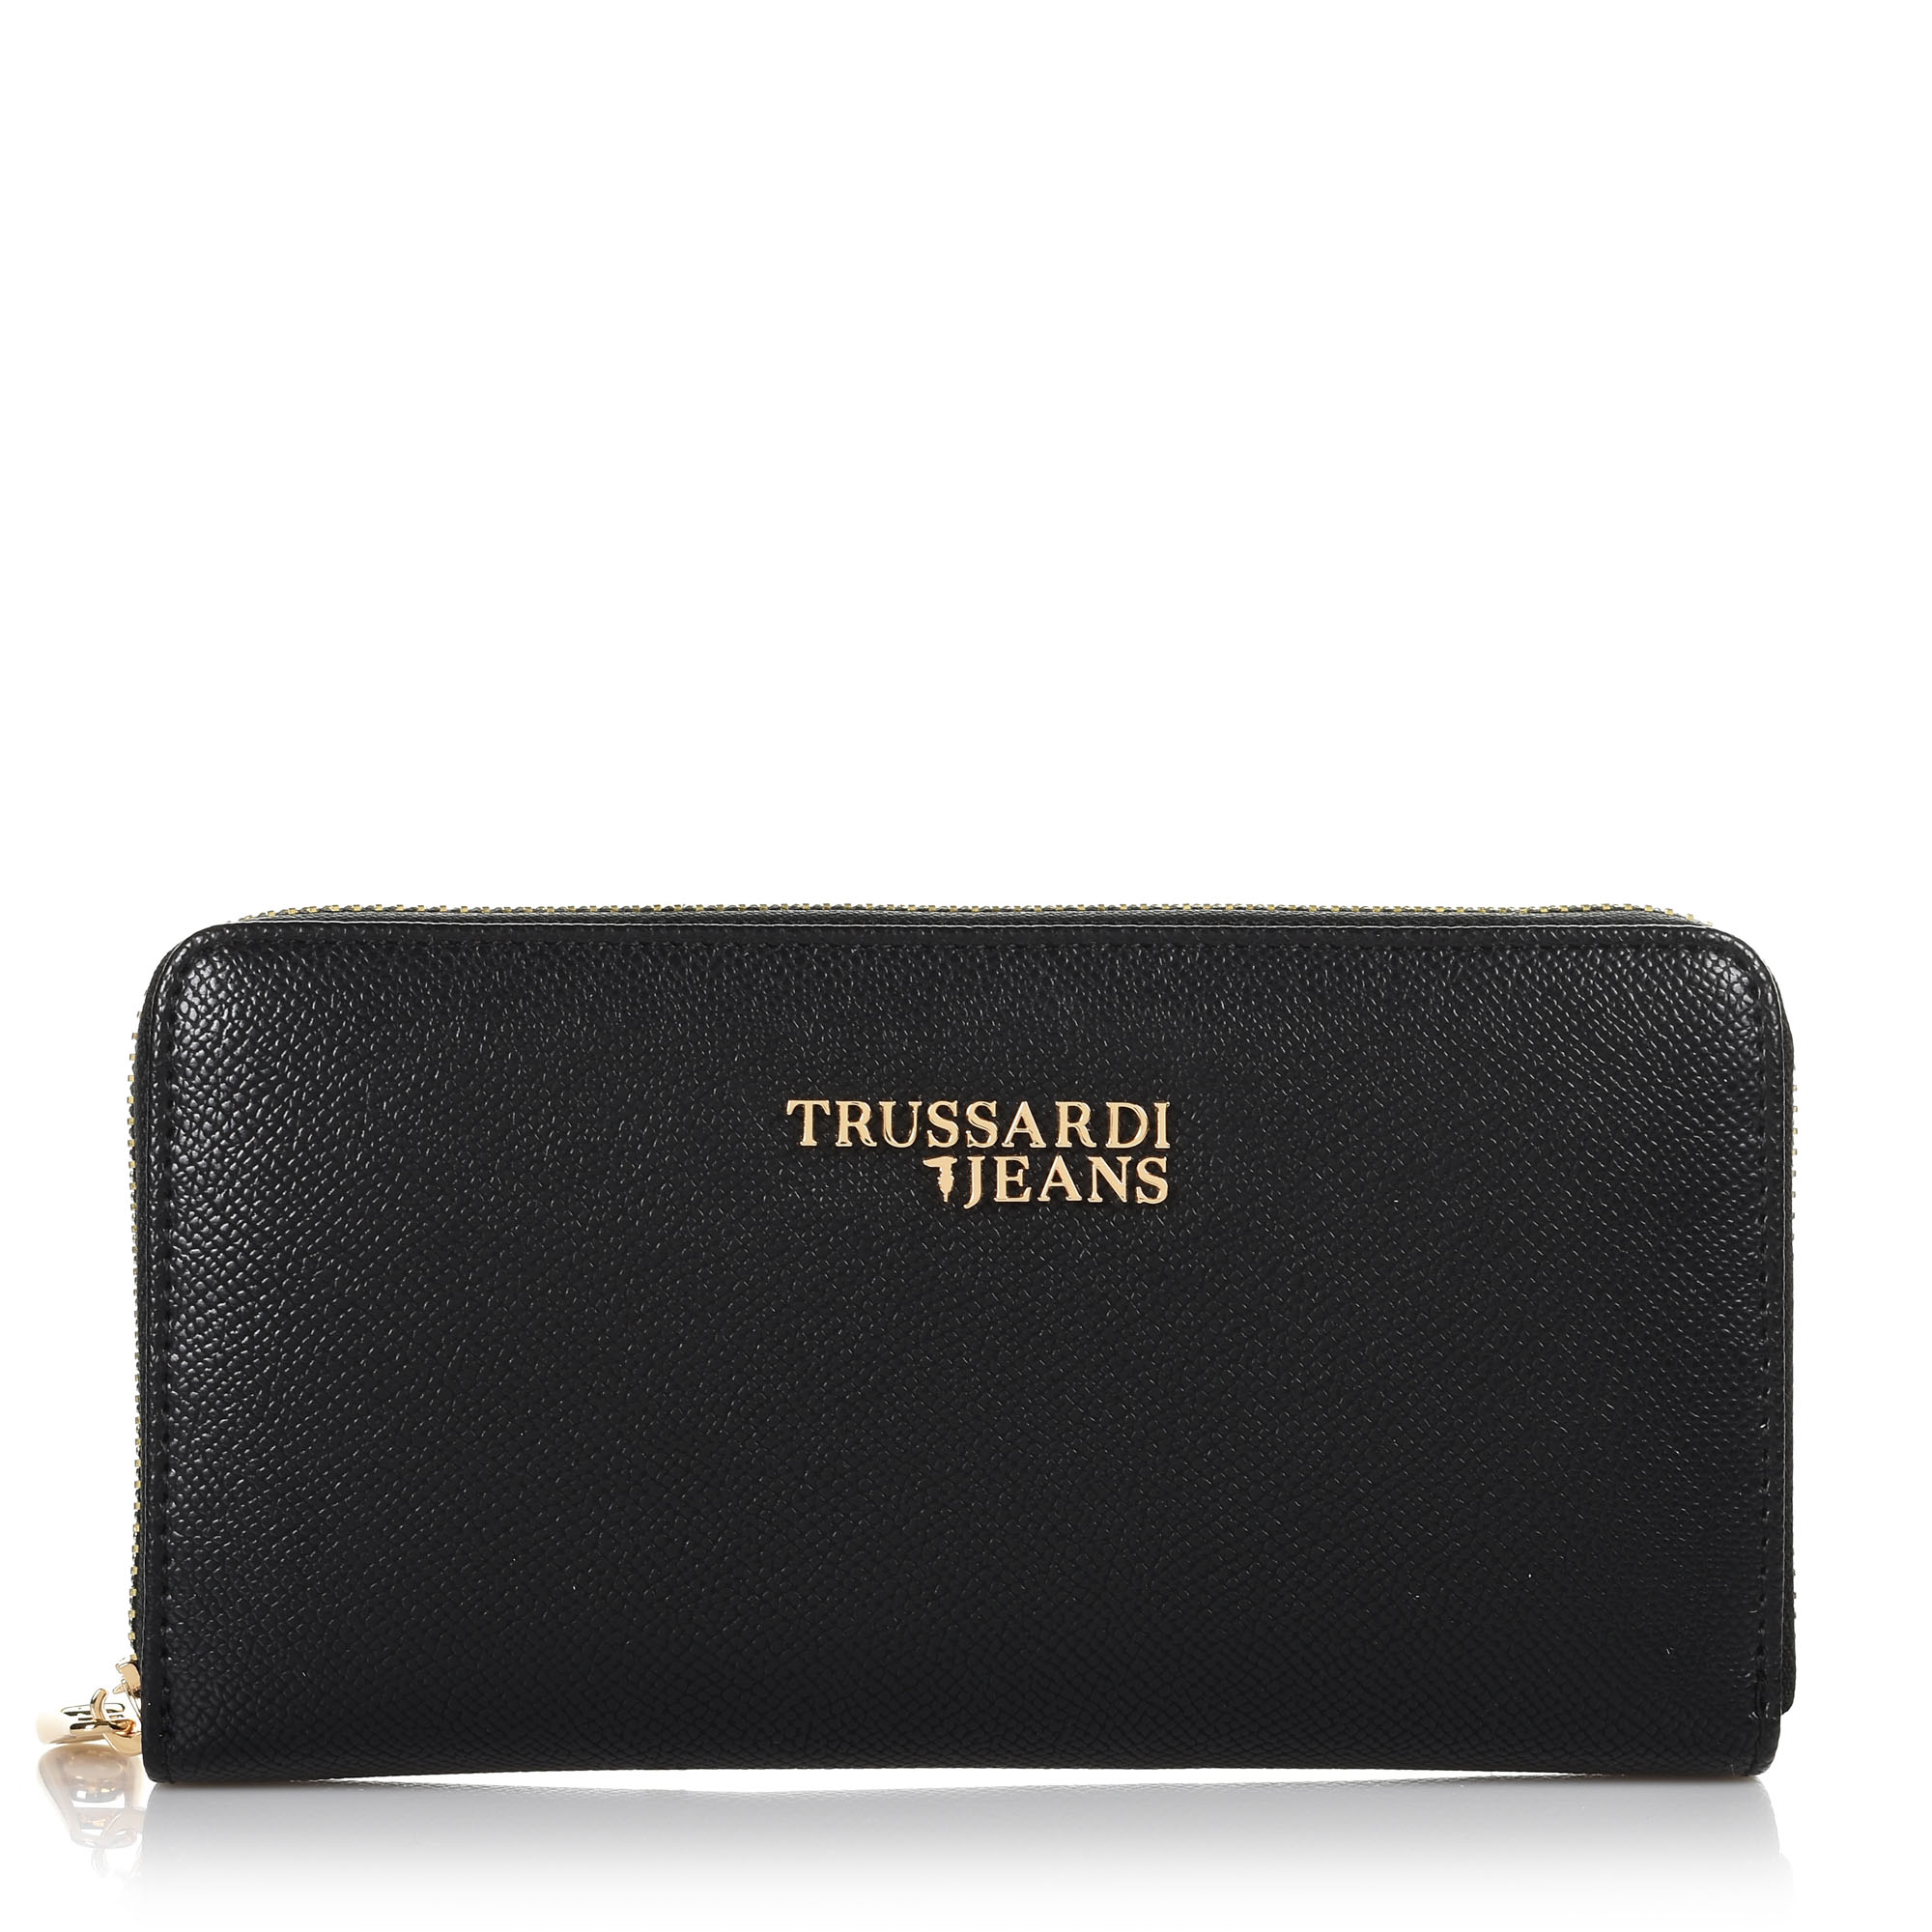 Δερμάτινο Πορτοφόλι Κασετίνα Trussardi Jeans T Easy Light 3 Pocket LG Saffiano 7 γυναικα   γυναικείο πορτοφόλι